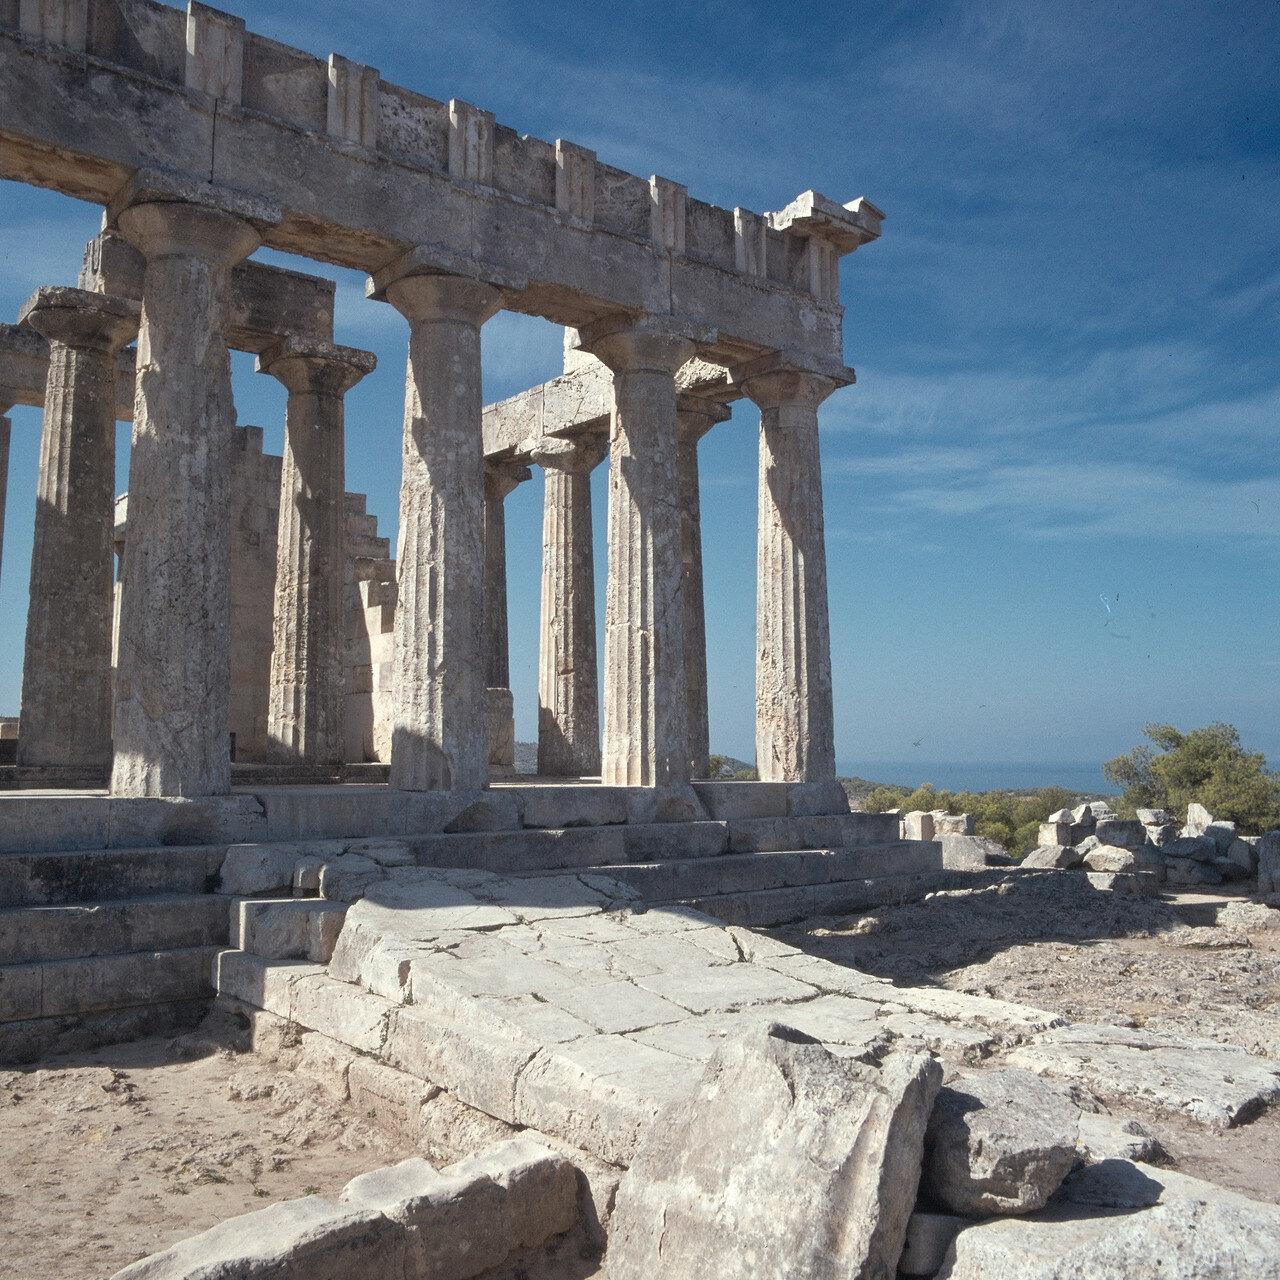 Эгина. Храм Афайи.  Рампа восточного фронтона, соединяющего это крыло с алтарями